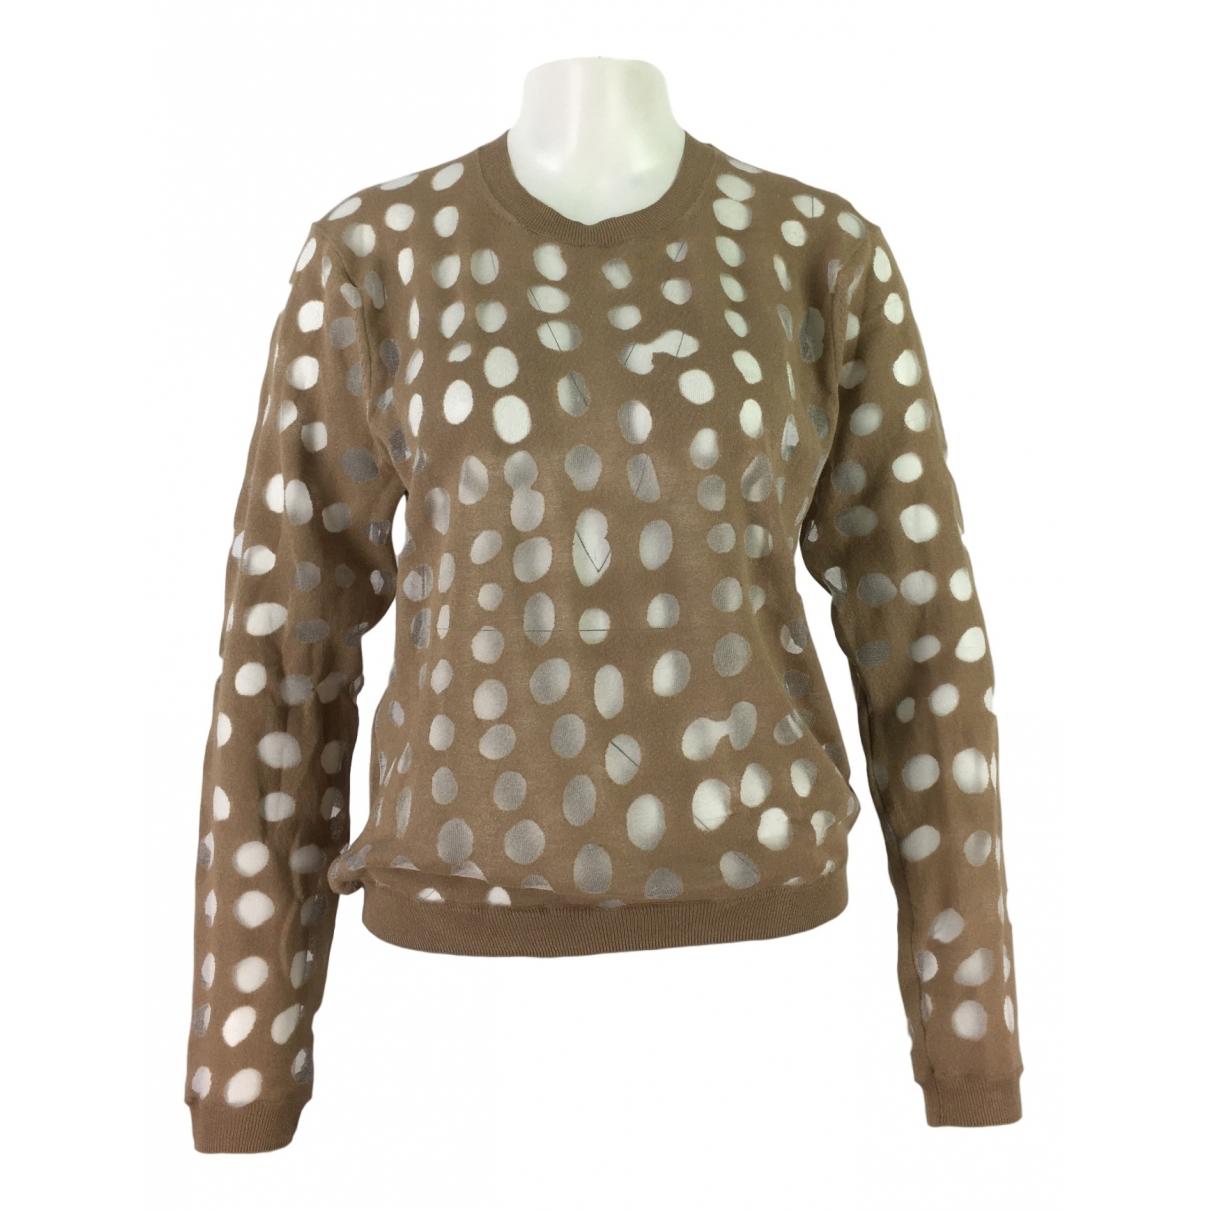 Acne Studios \N Beige Cotton Knitwear for Women S International